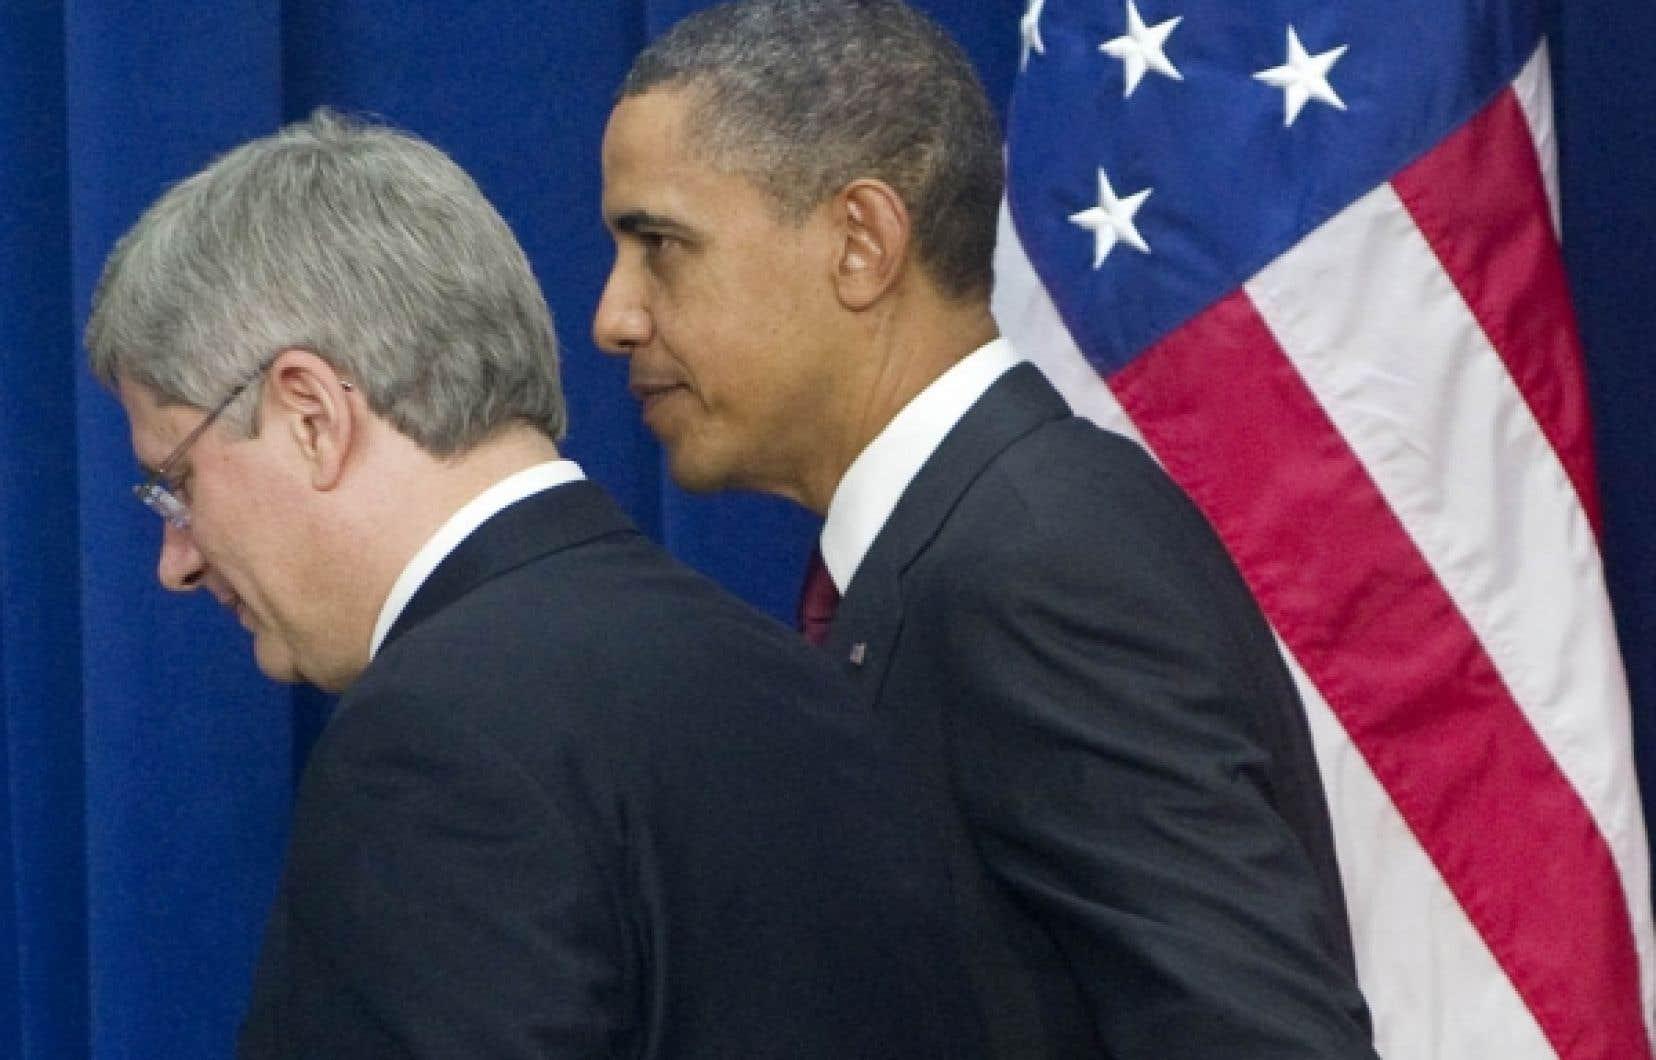 Stephen Harper et Barack Obama à Washington au début du mois de février. Le premier ministre avait ensuite annoncé en grande pompe la signature d'une entente sur le périmètre de sécurité entre le Canada et les États-Unis.<br />